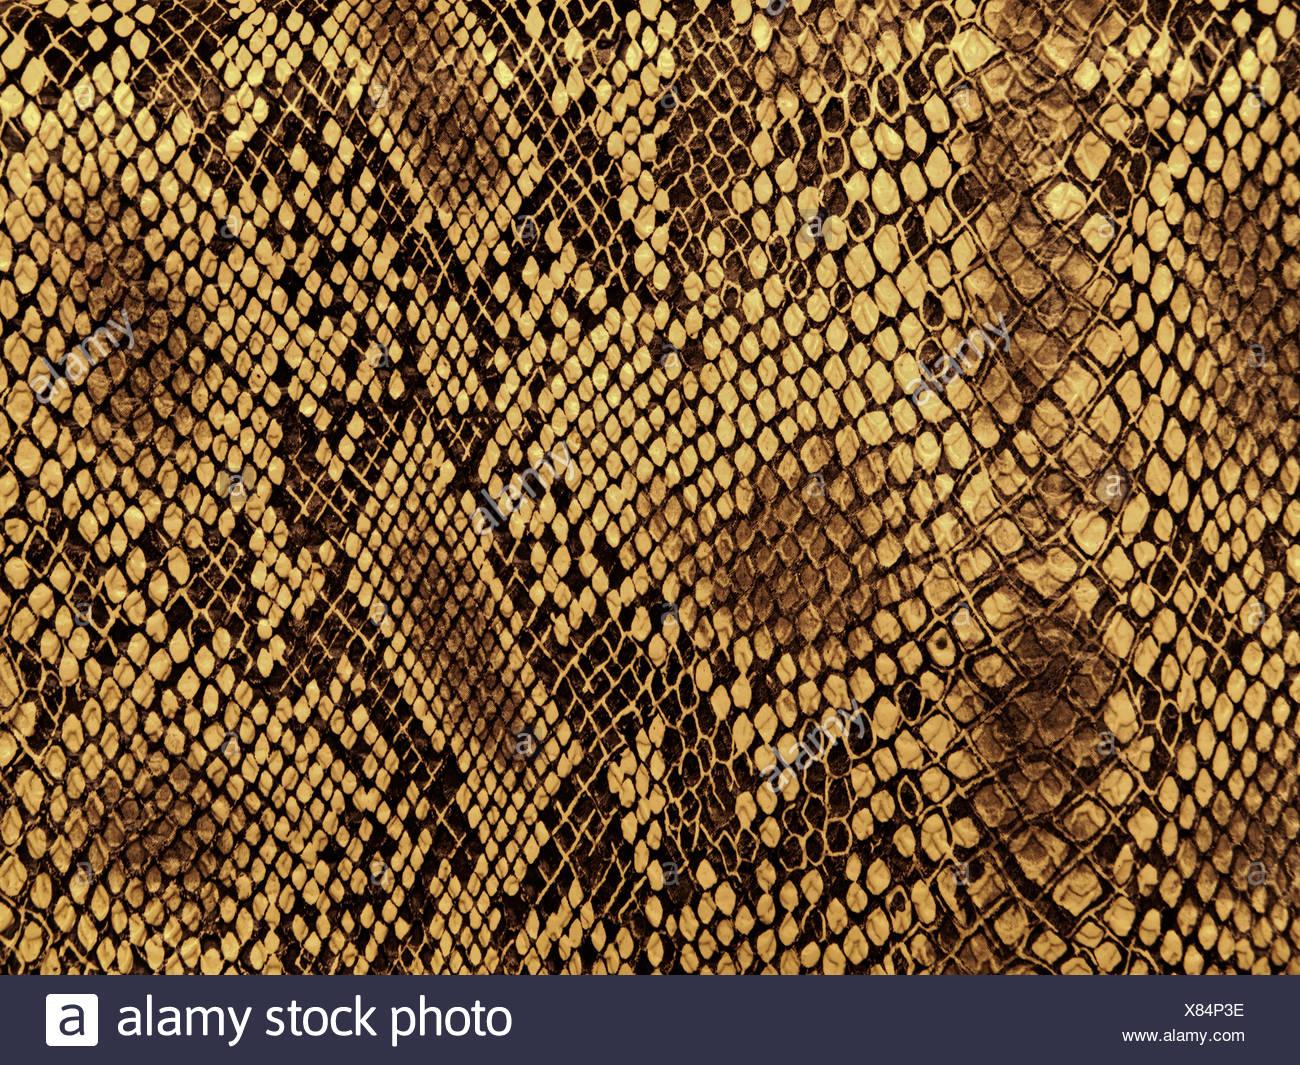 skin snake pattern - Stock Image